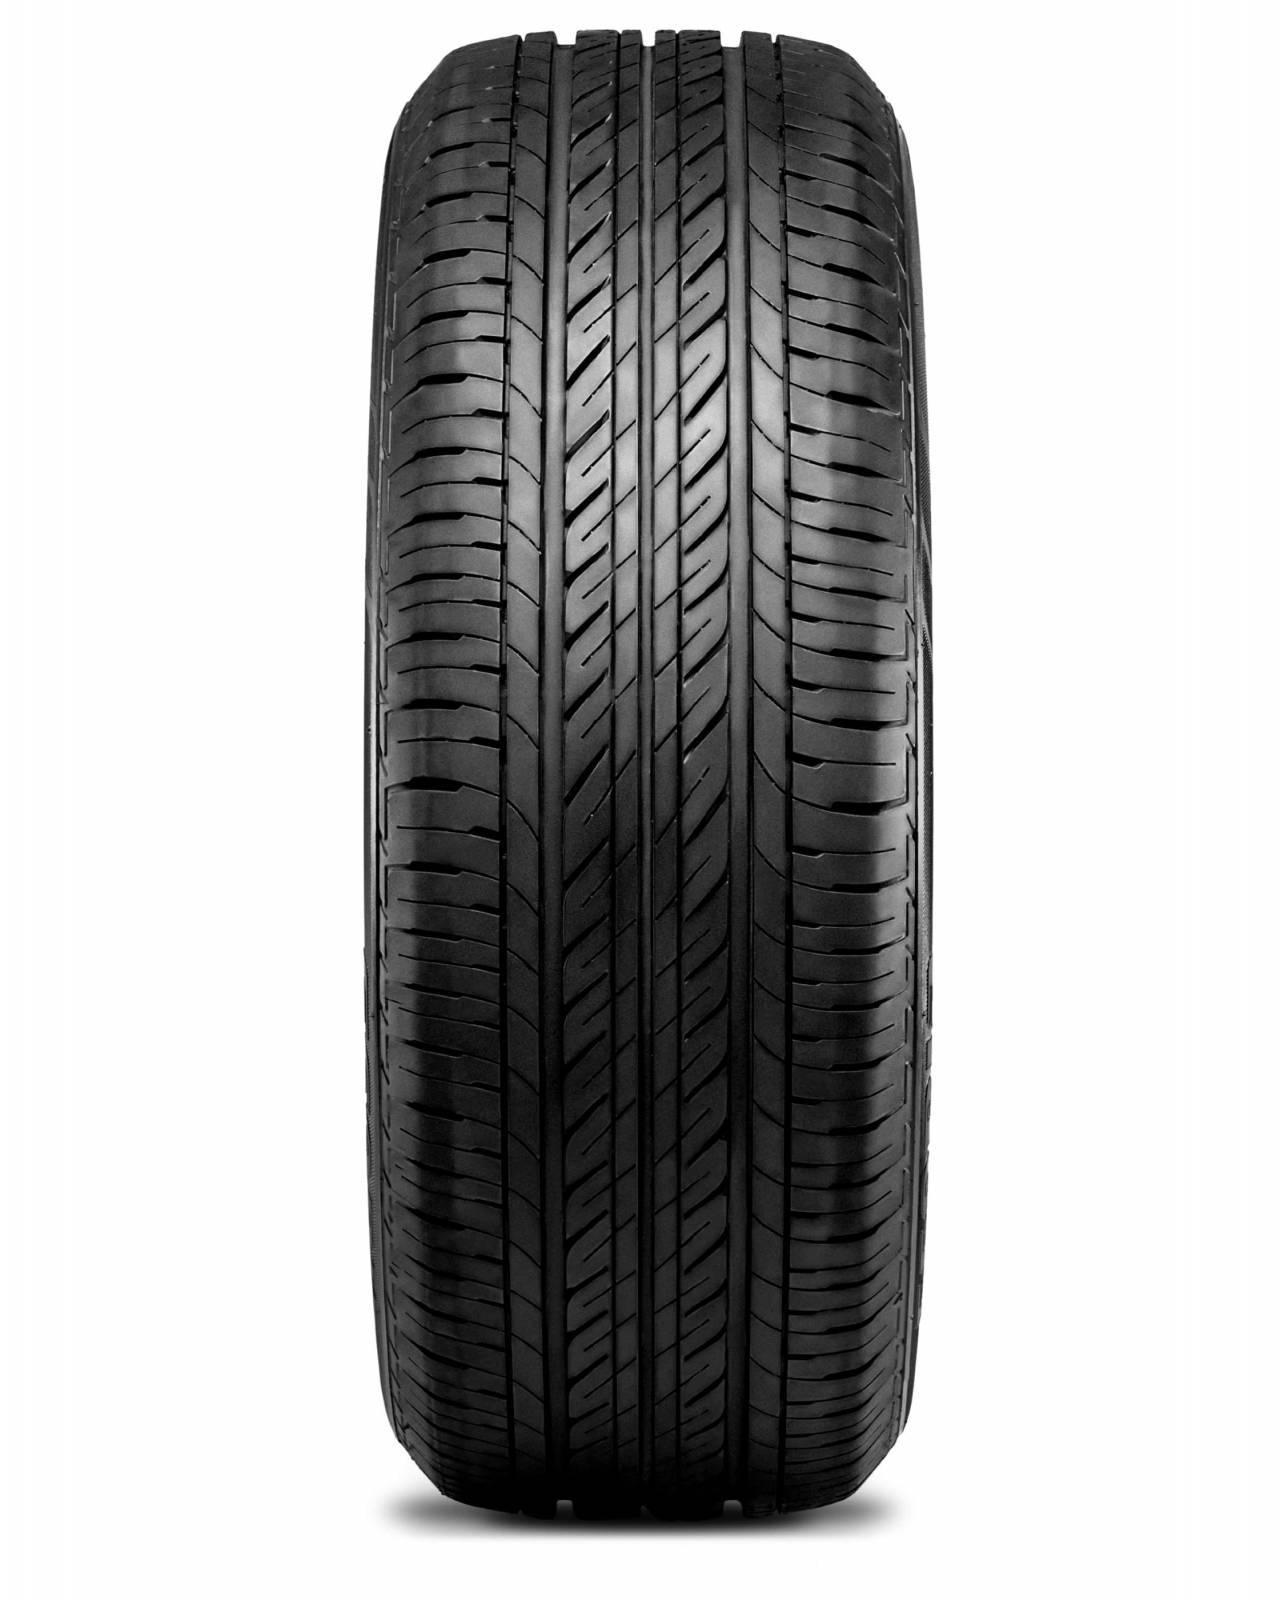 Pneu Bridgestone Ecopia EP150 205/55 R16 91V - Cantele Centro Automotivo